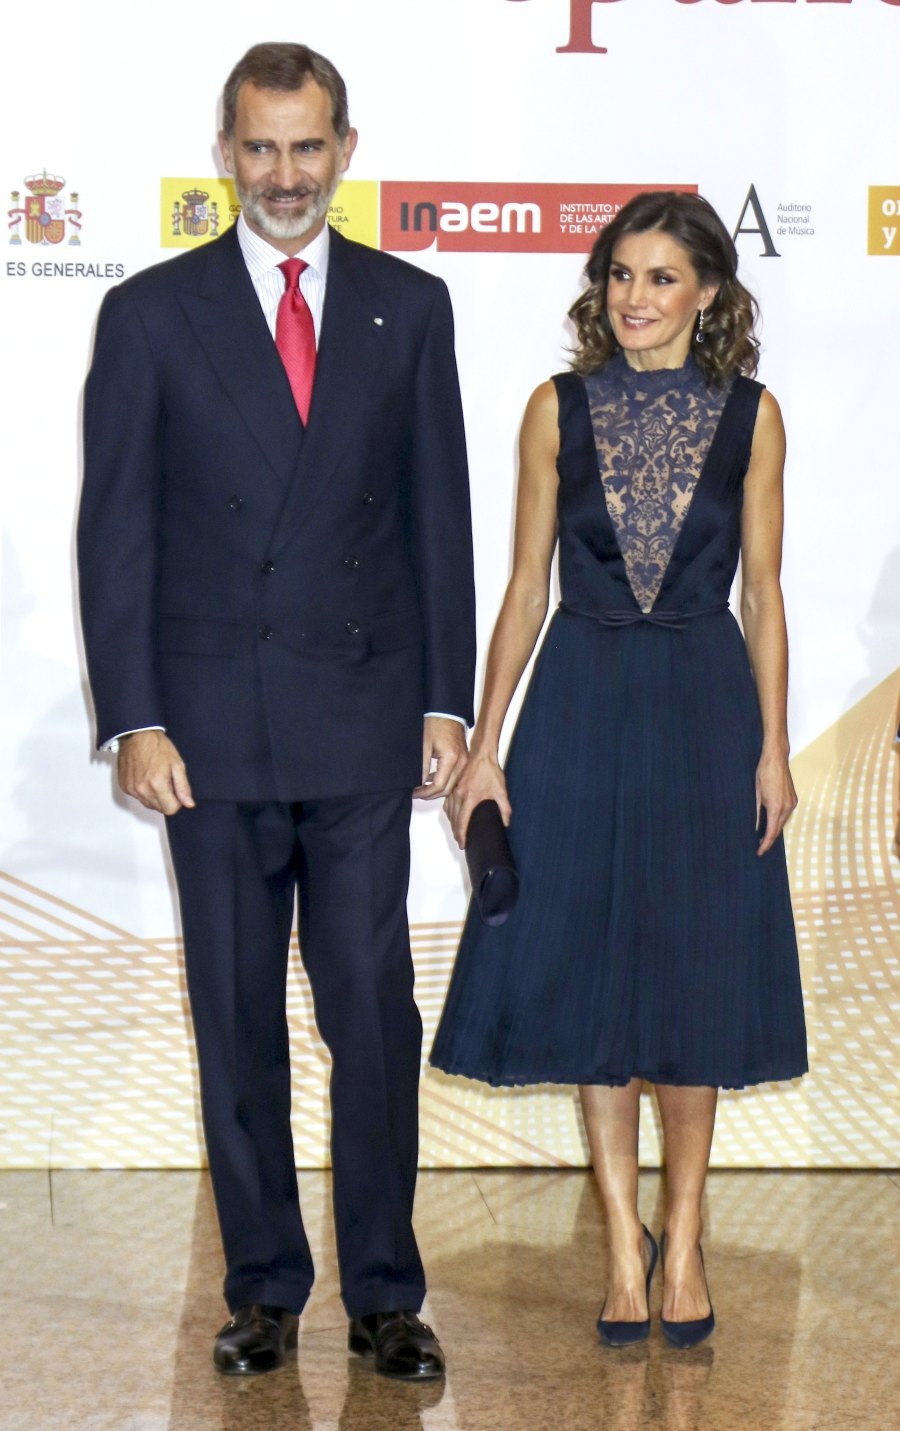 Queen-Letizia-Ortiz-of-Spain-navy-lace-dress